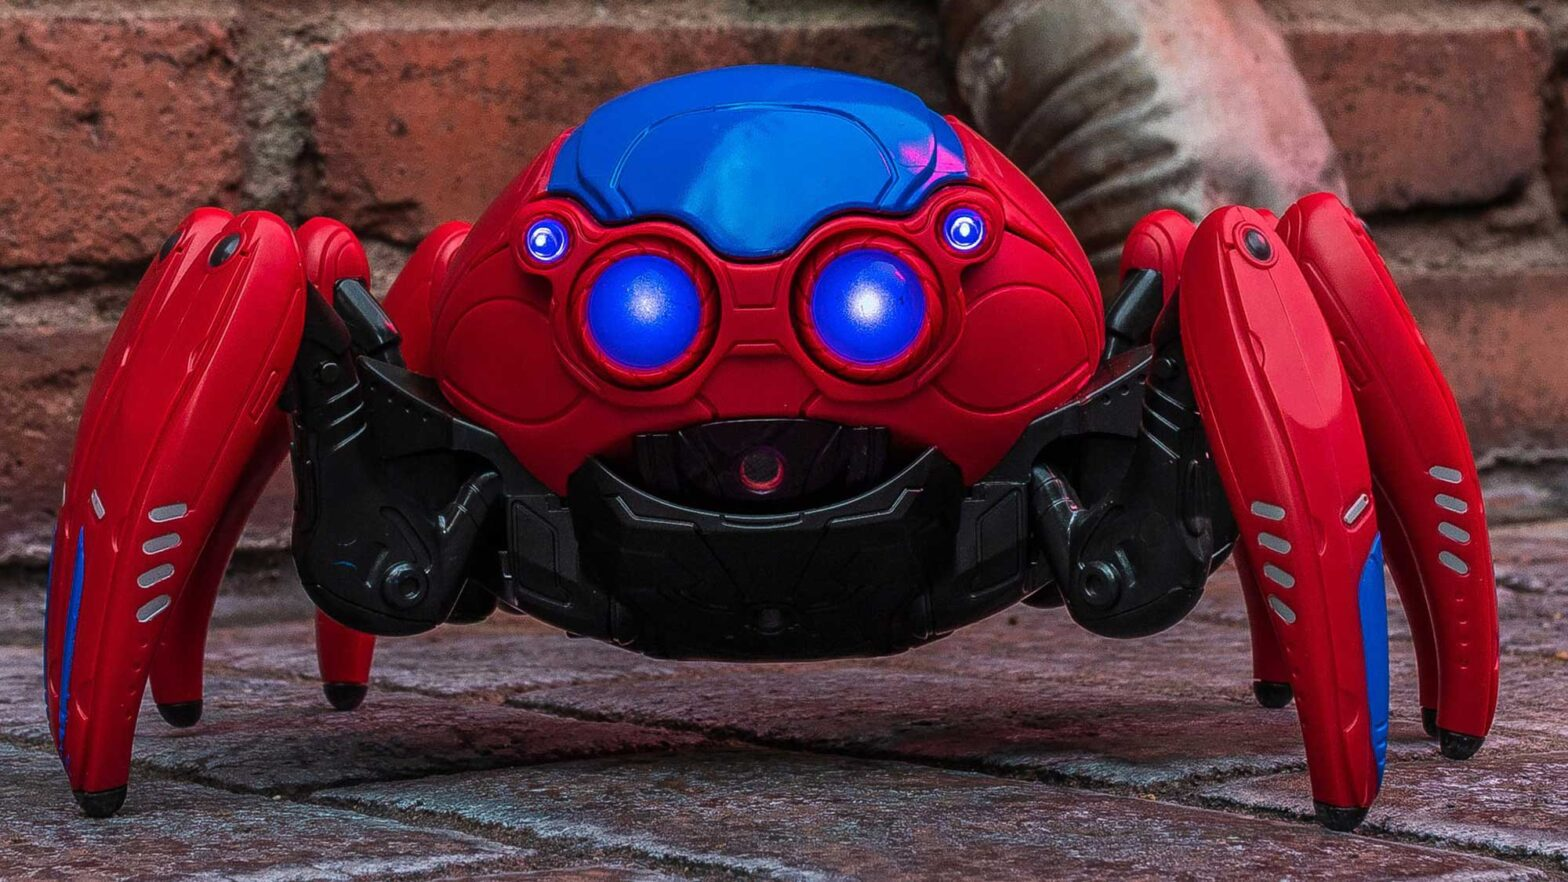 Disneyland Avengers Campus Spider-Bot Toy